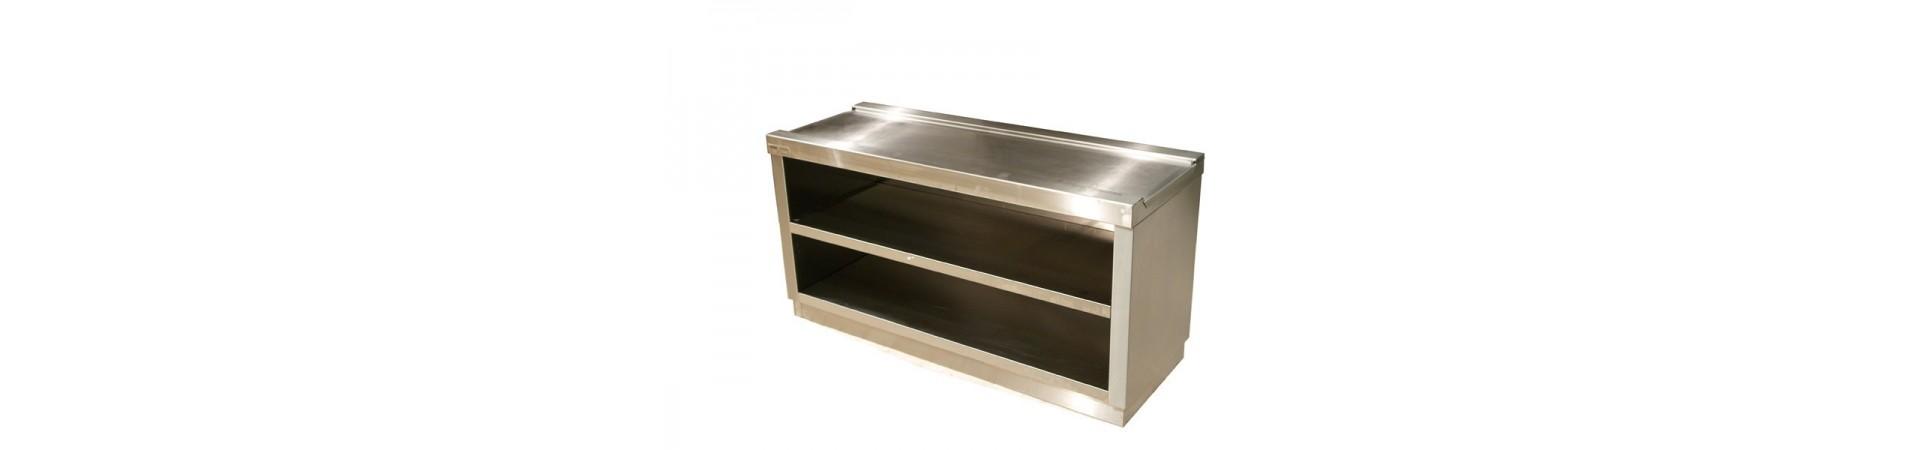 Mobiliario de acero inoxidable, Compra hoy mobiliario de acero inoxidable con garantía.